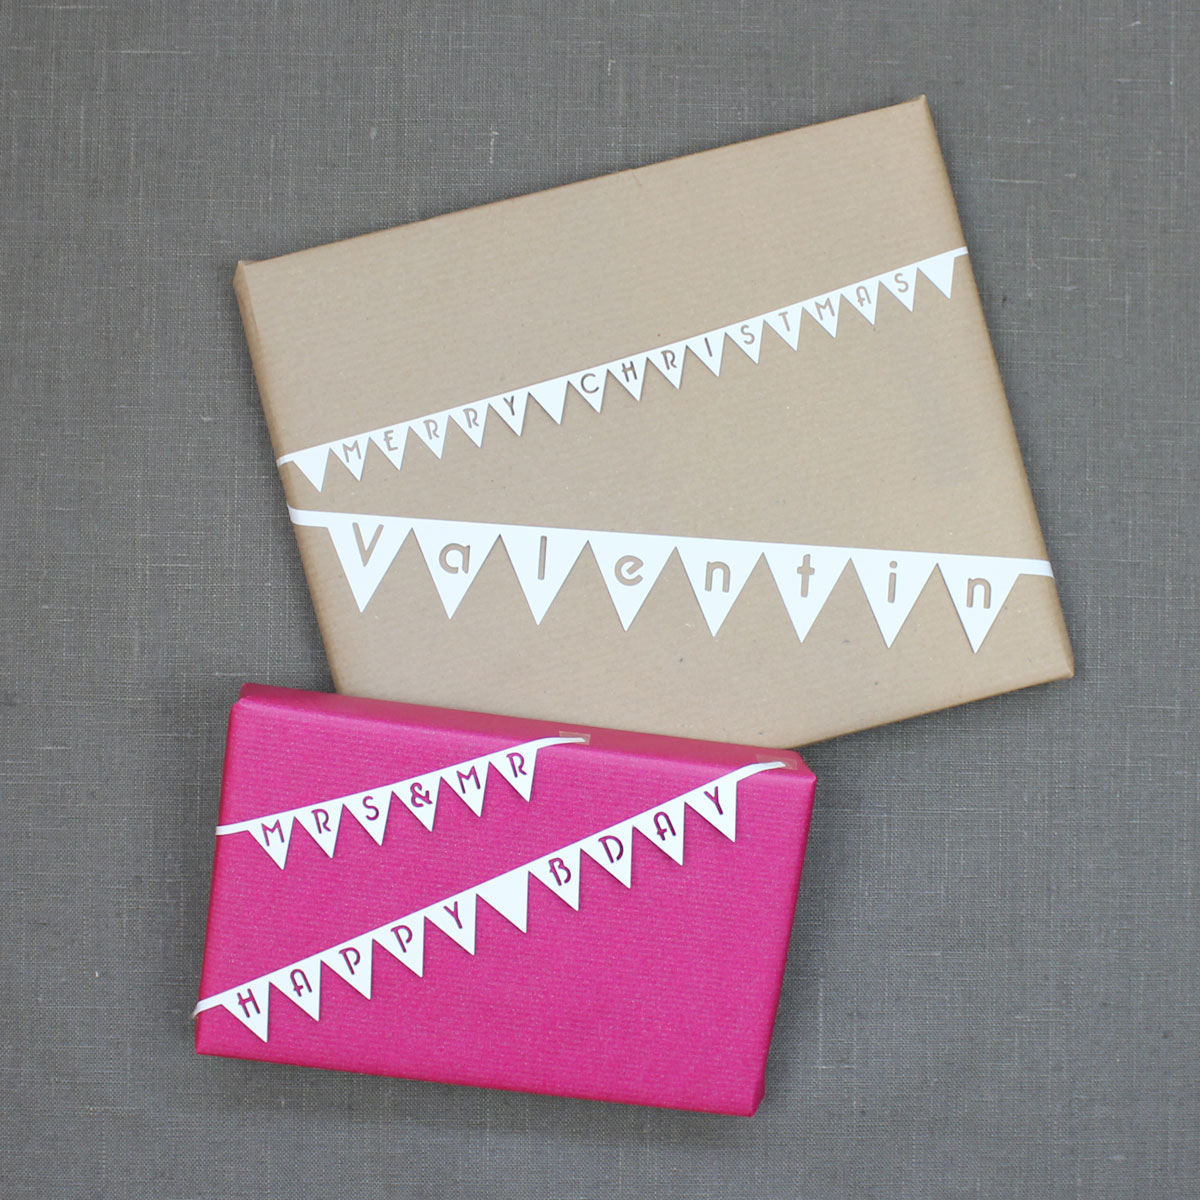 Individuelle Wimpelketten als Geschenkbänder - erstellt mit der Schriftart KUGELIG Garland